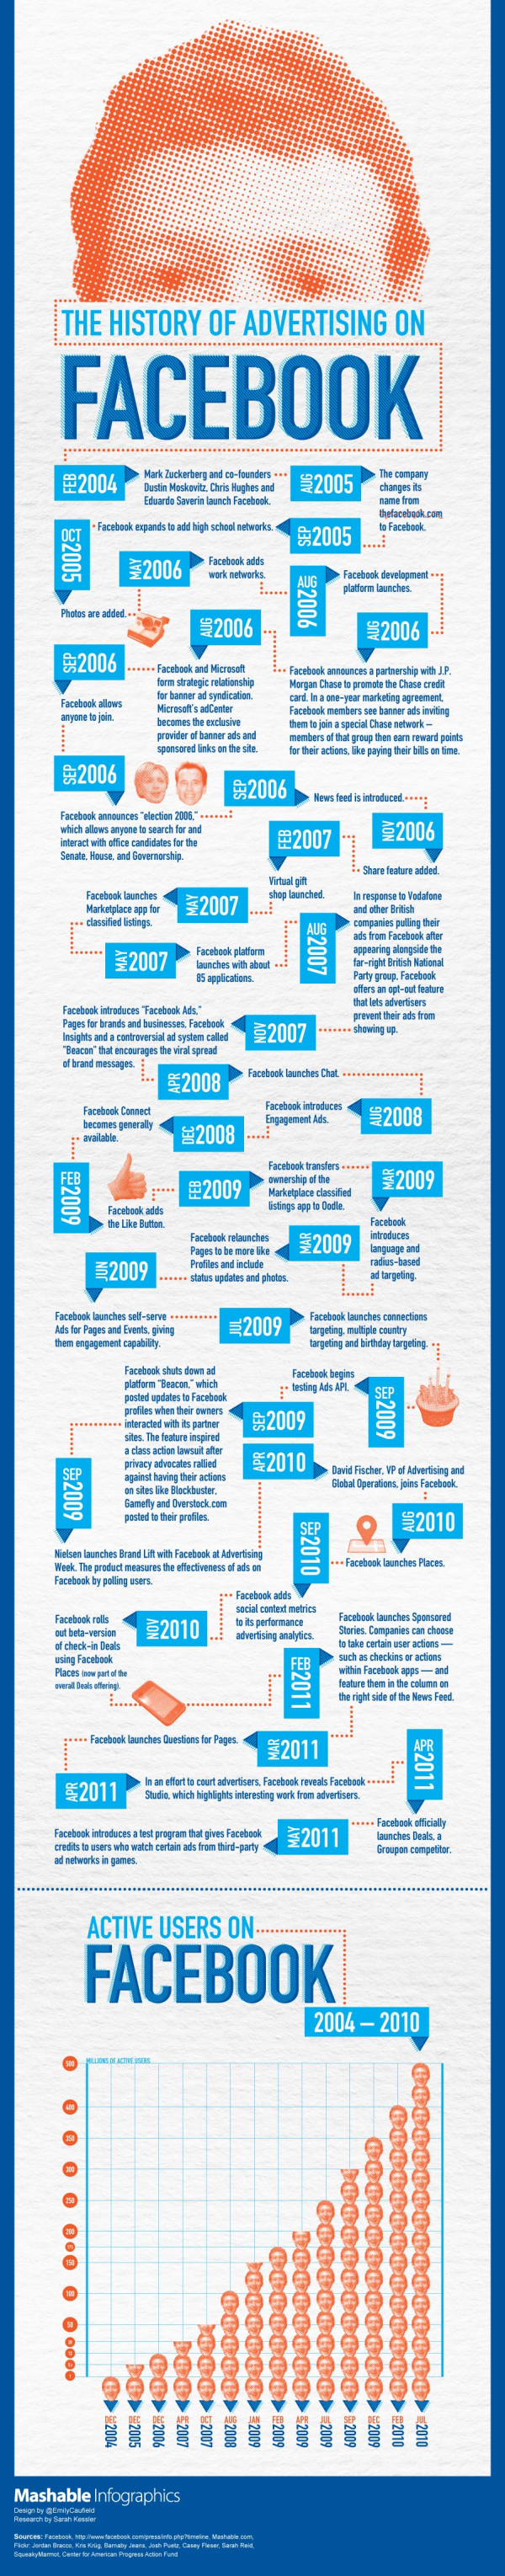 facebook advertising mashable infographic 902 resized 600